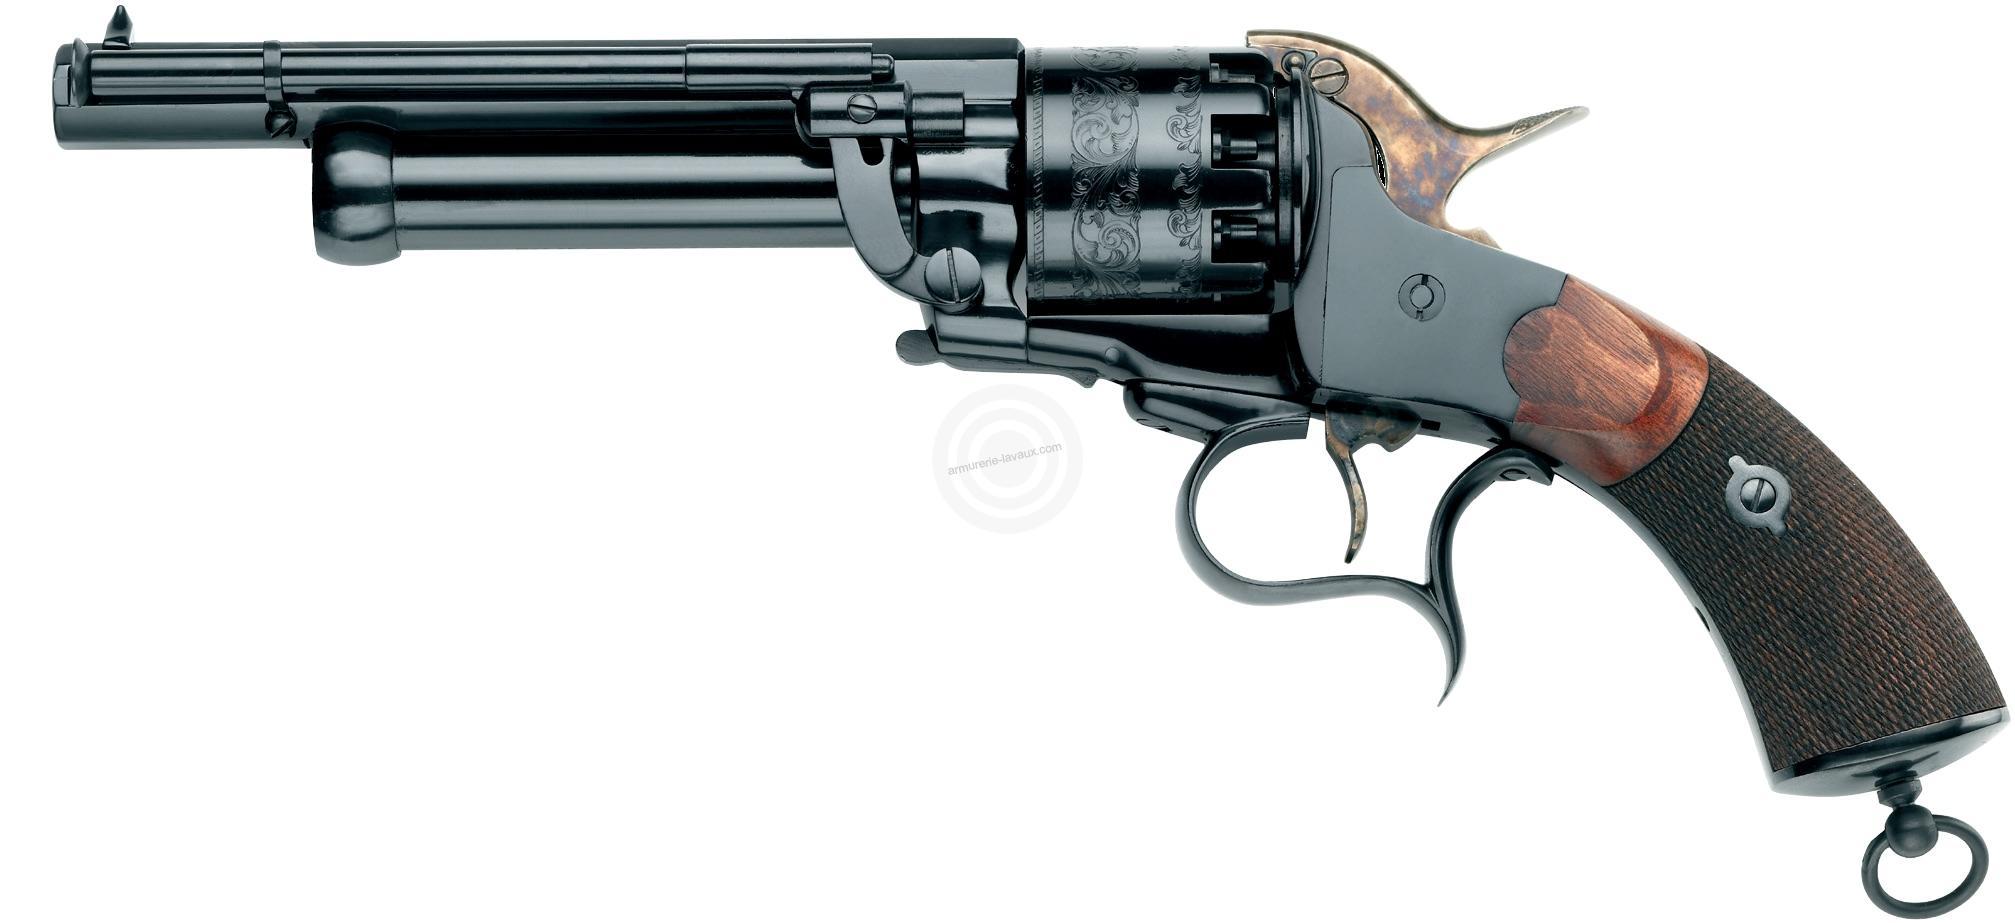 revolver poudre noire pietta le mat mod le cavalerie armes poudre noire sur armurerie. Black Bedroom Furniture Sets. Home Design Ideas